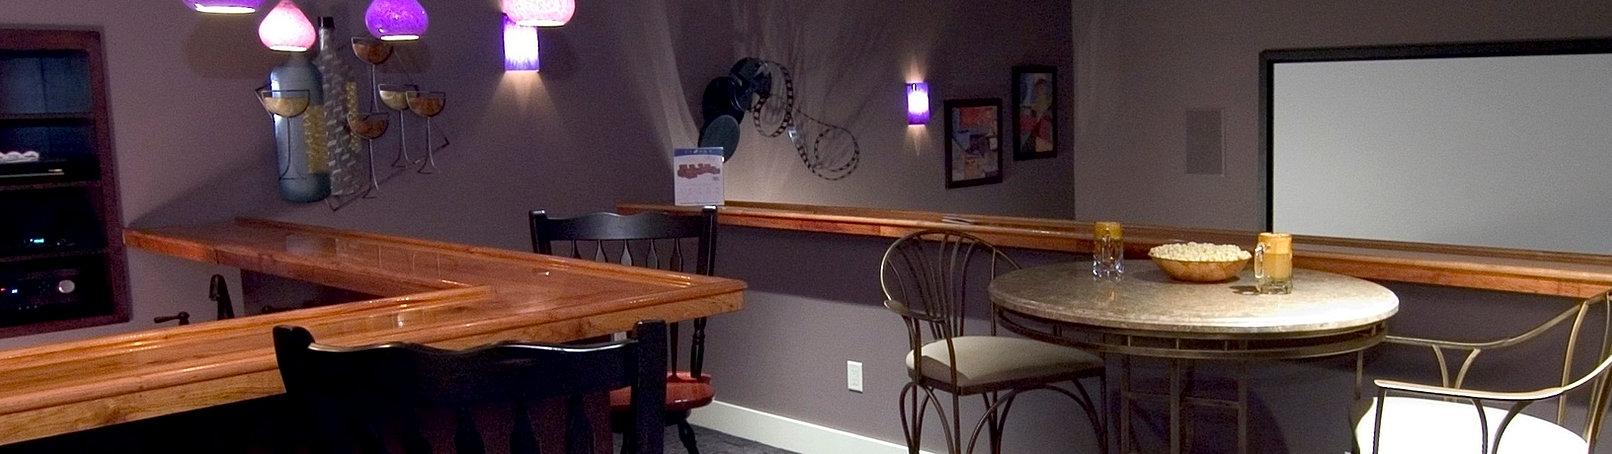 home staginginterior designmadison home stagingmadison interior designercolor consultant